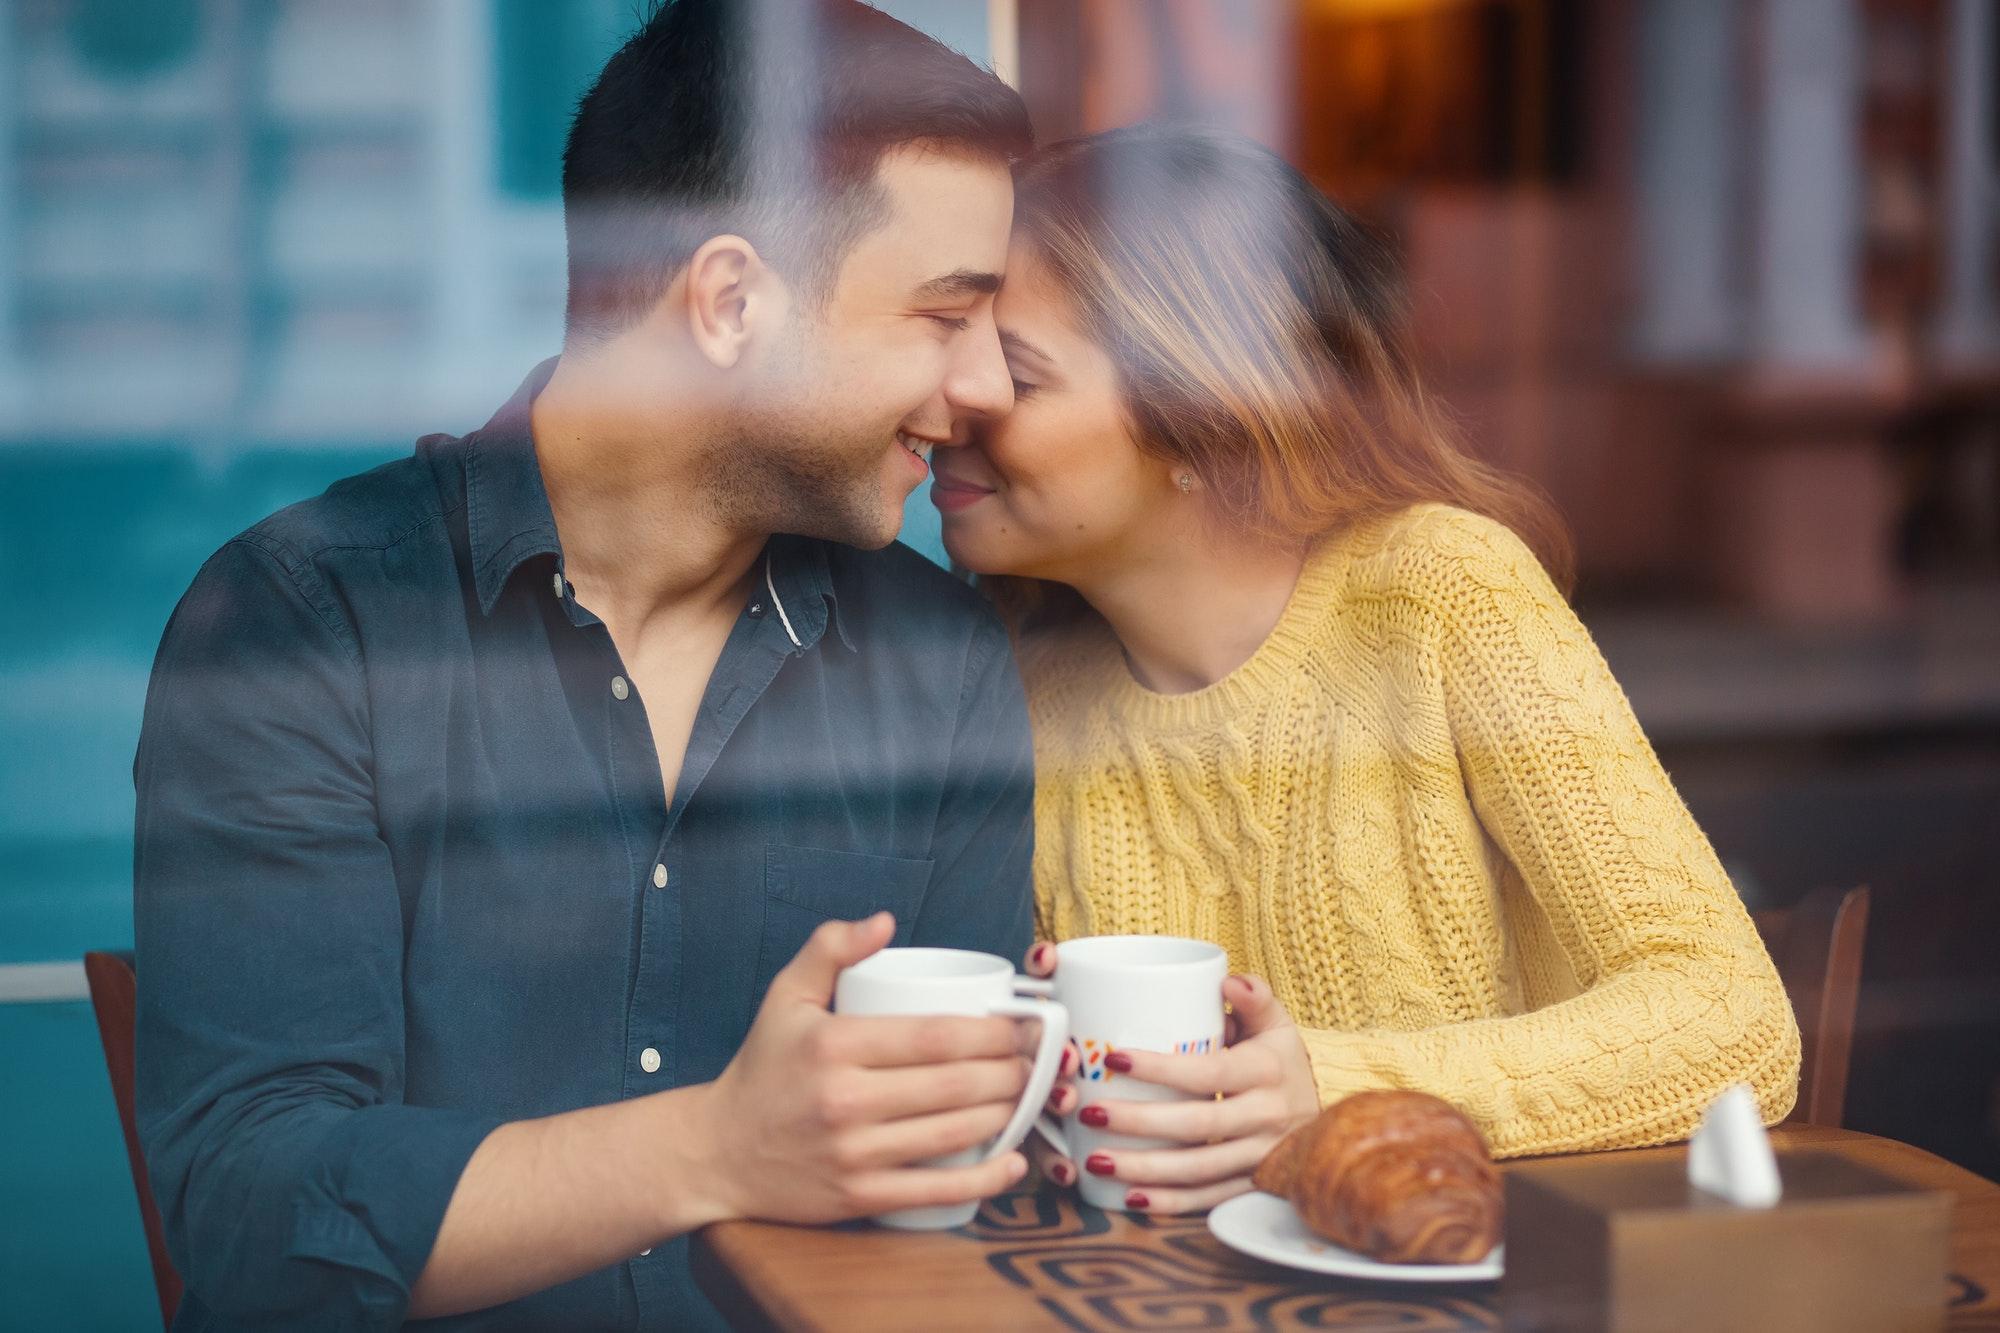 Tips Café dating Kambodja dating tullen